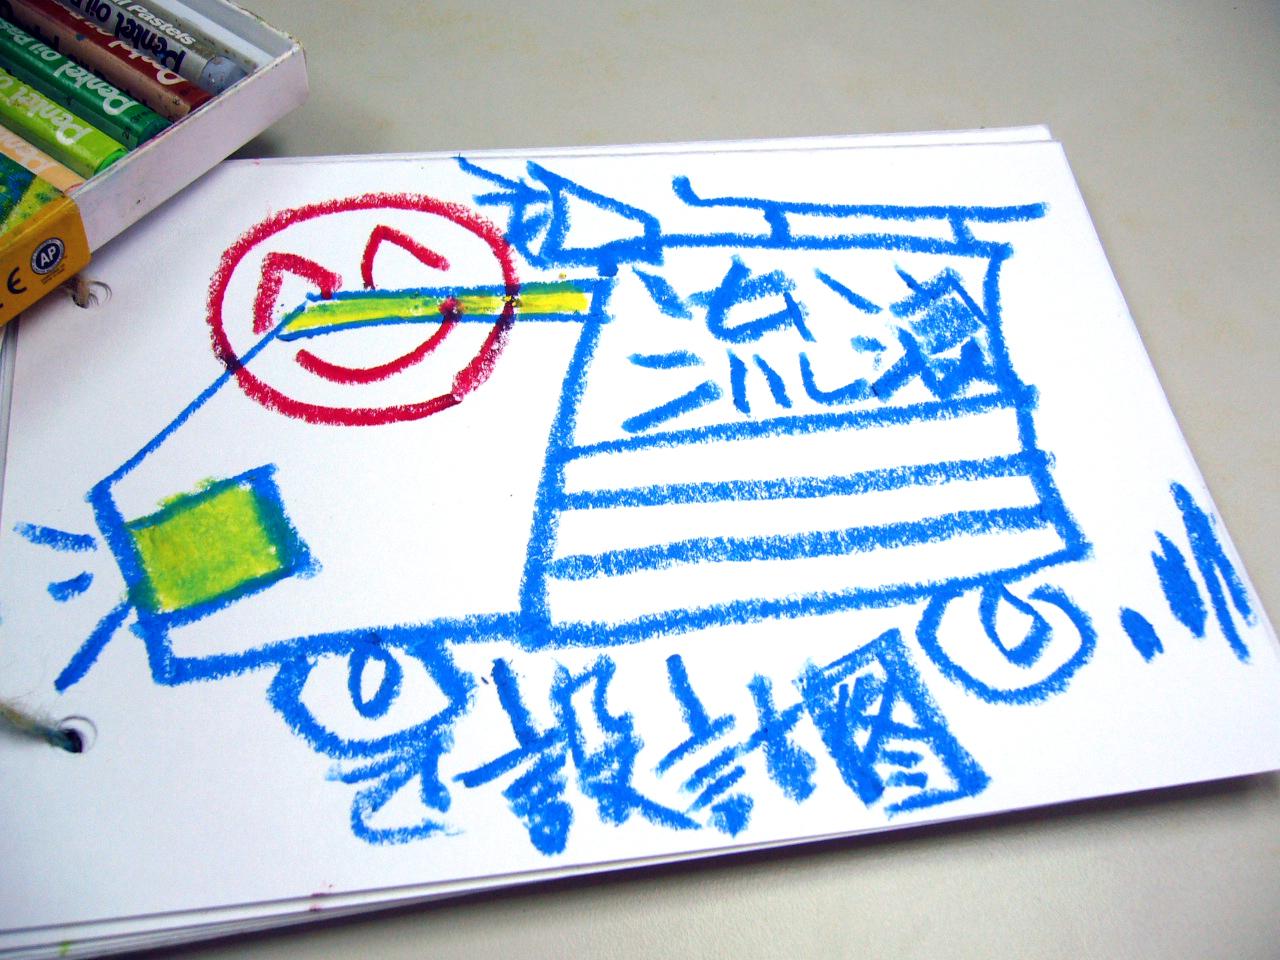 流浪車設計圖.jpg